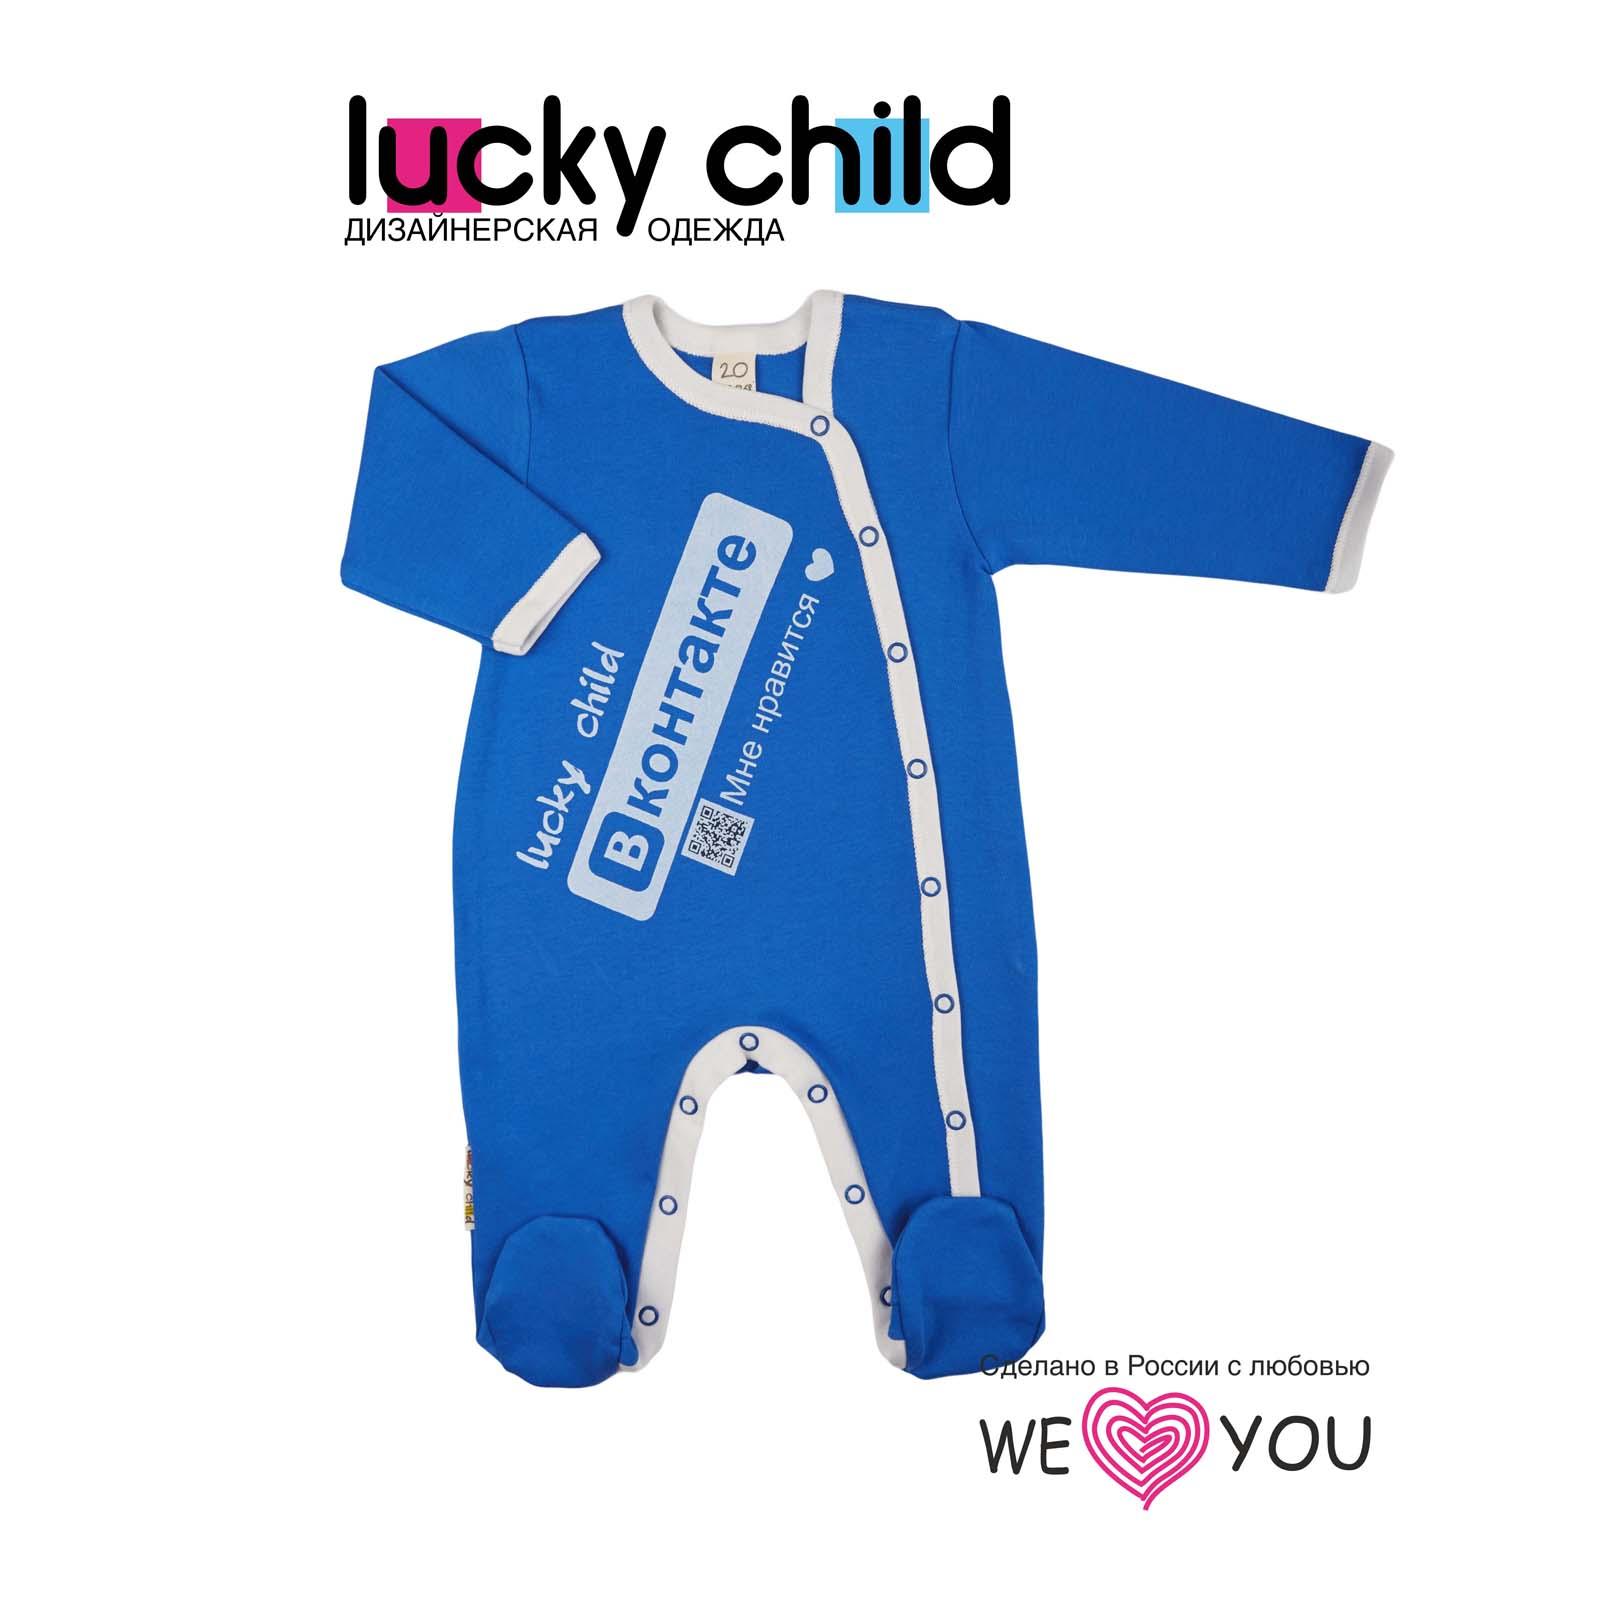 Комбинезон Lucky Child с надписью Вконтакте размер 56<br>